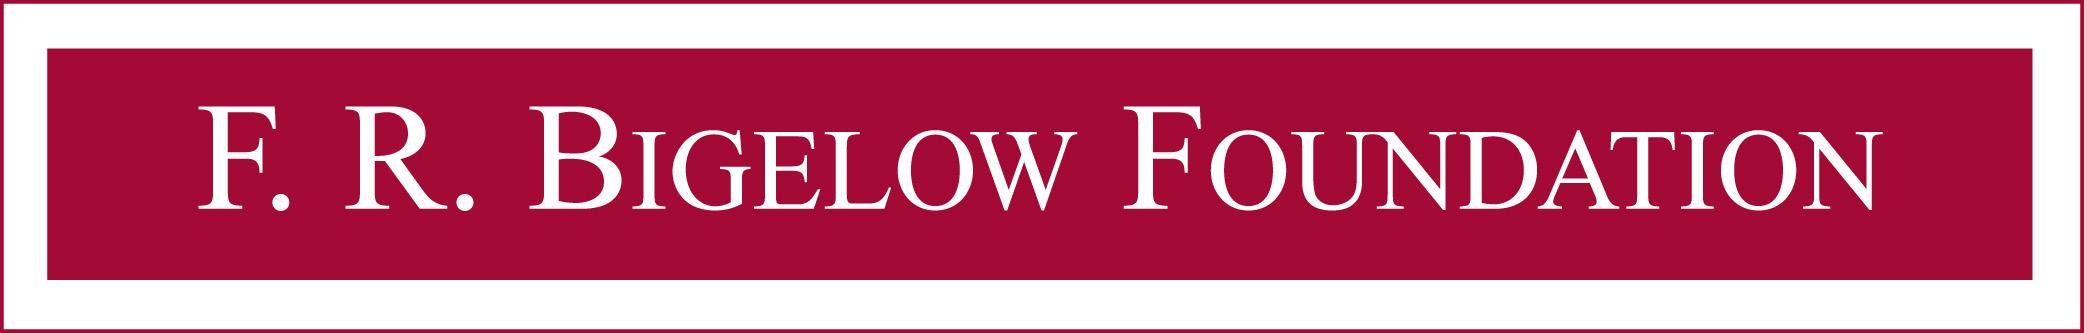 Bigelow logo 300dpi.jpg